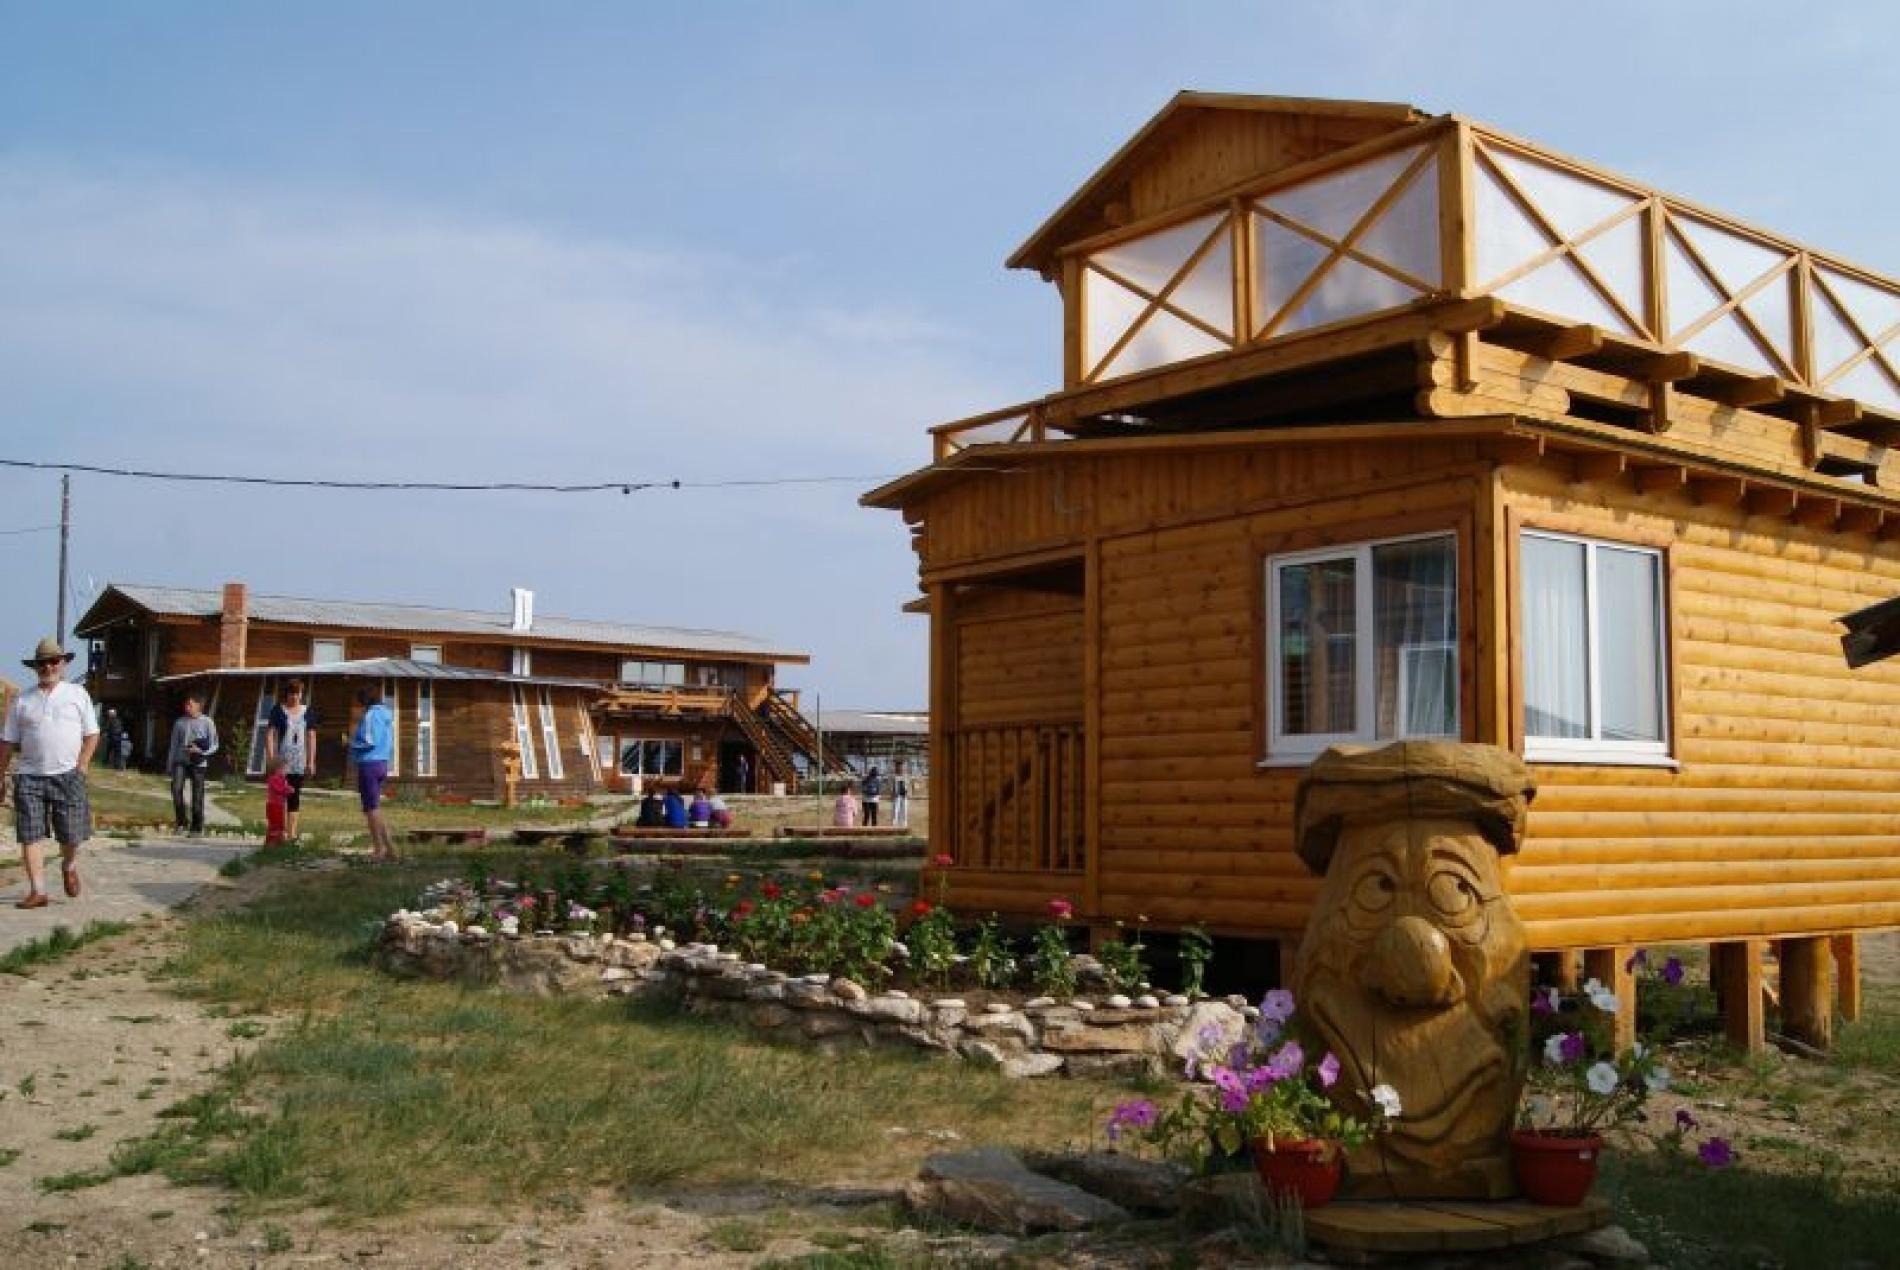 База отдыха «Ветер Странствий» Иркутская область 2-местный летний домик, фото 1